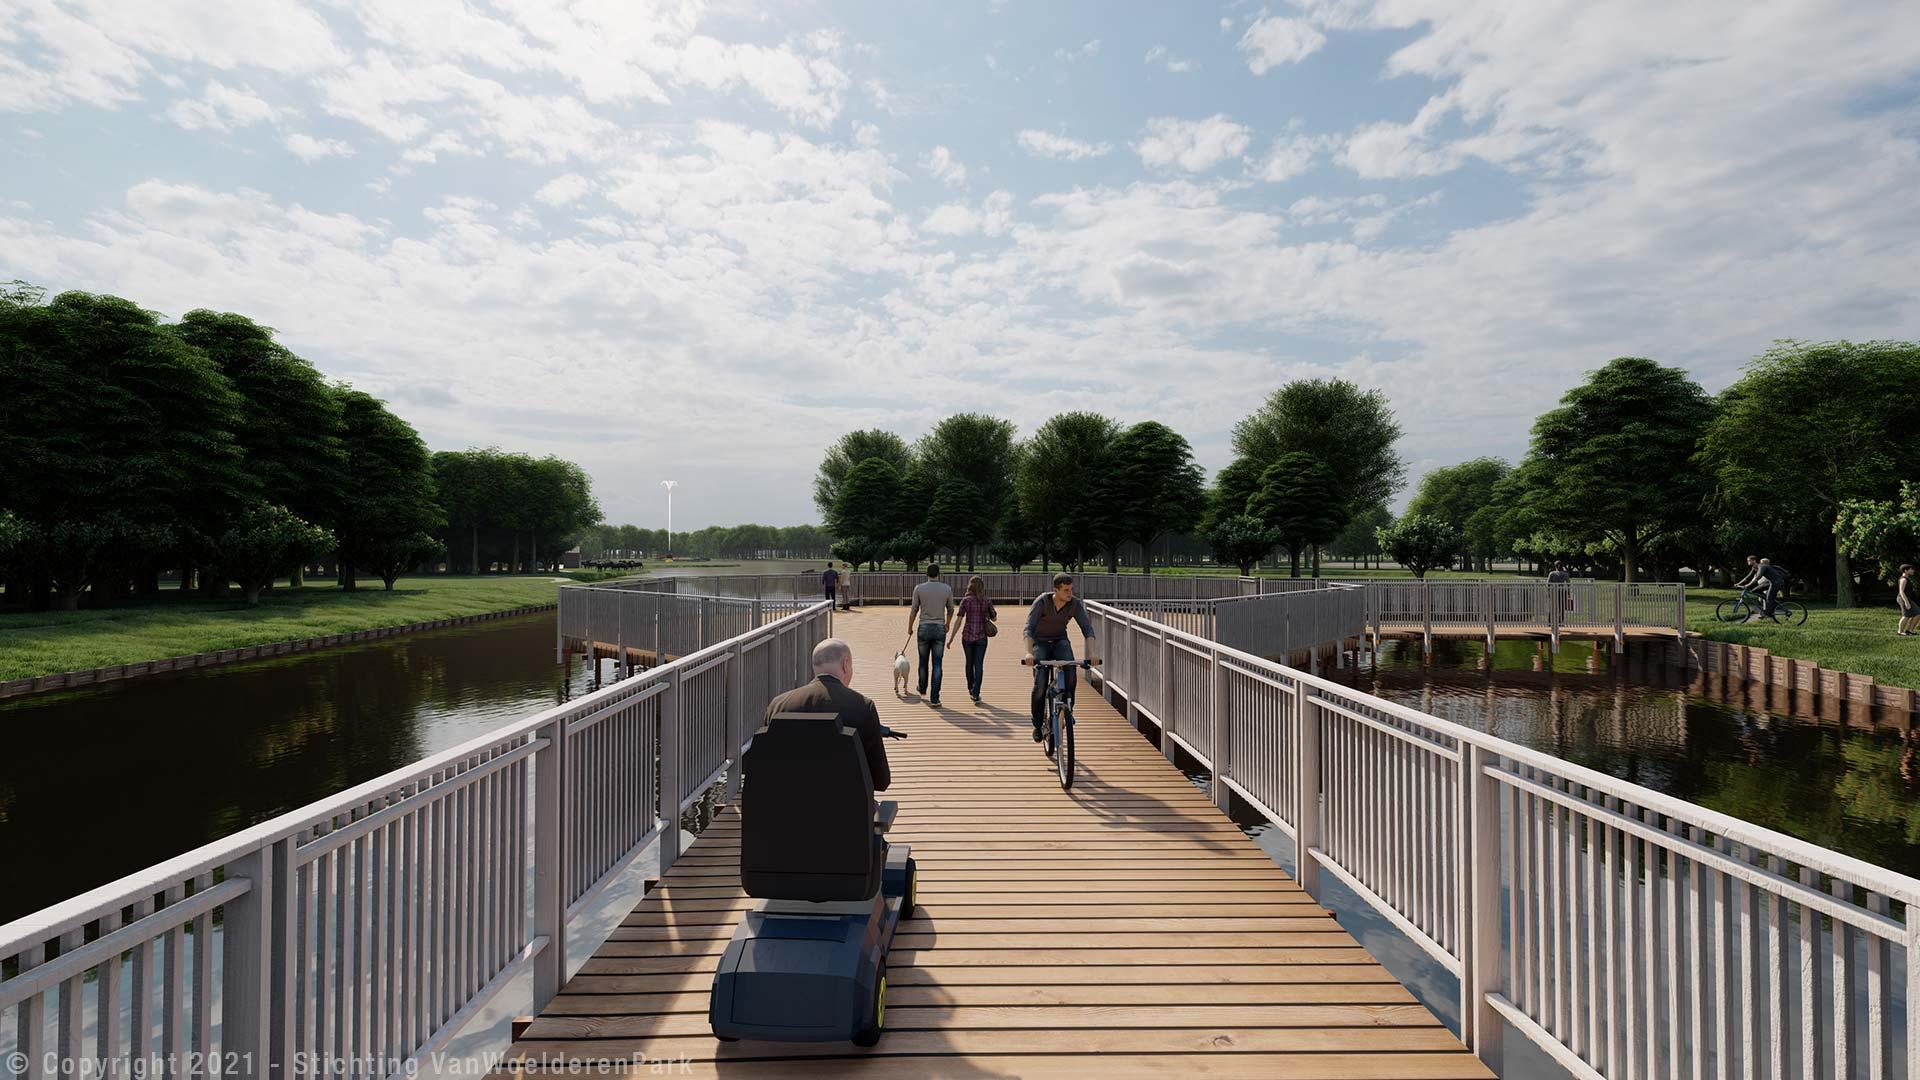 streefbeeld-stichting-van-woelderen-park-2021-wandelpier-na